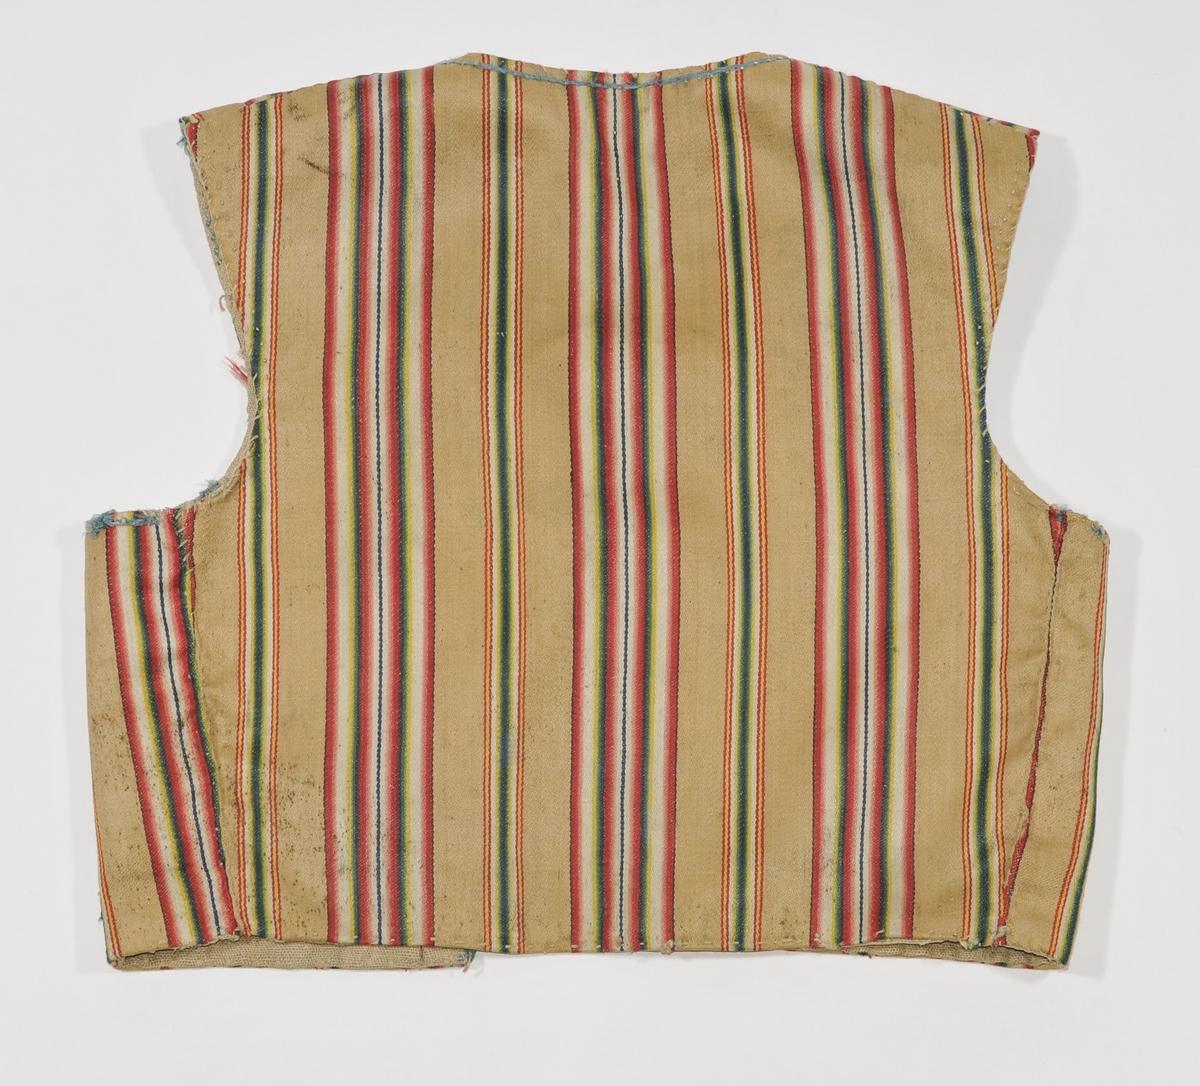 Liv i stripa kallemank, kanta med lyseblåe band rundt ermene, rundt halsen og ned midt framme. Seks støypte messinghekter på kvar side. Ei hekte på venstre innside.